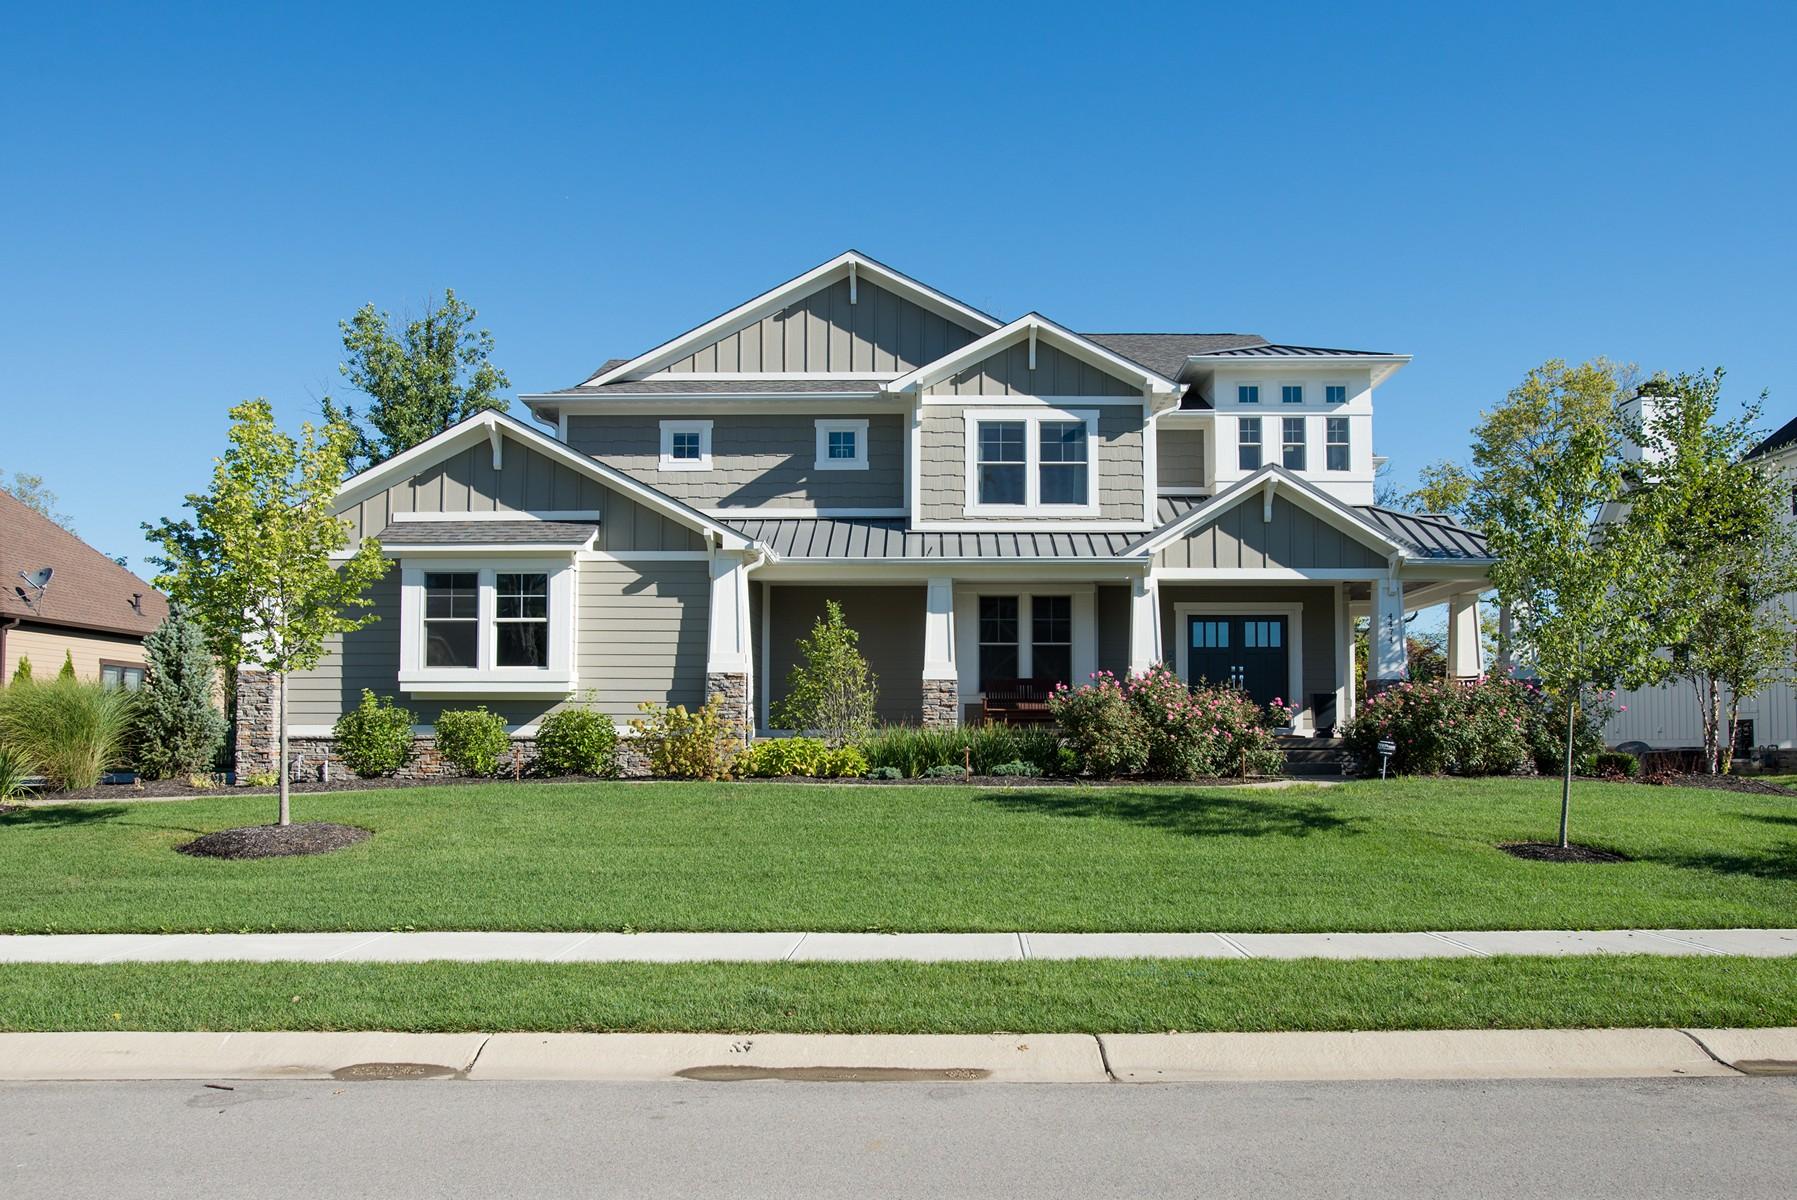 独户住宅 为 销售 在 Magnificent Home 2014 Home-A-Rama Winner 4474 Majestic Oak Court 韦斯特菲尔德, 印第安纳州, 46062 美国